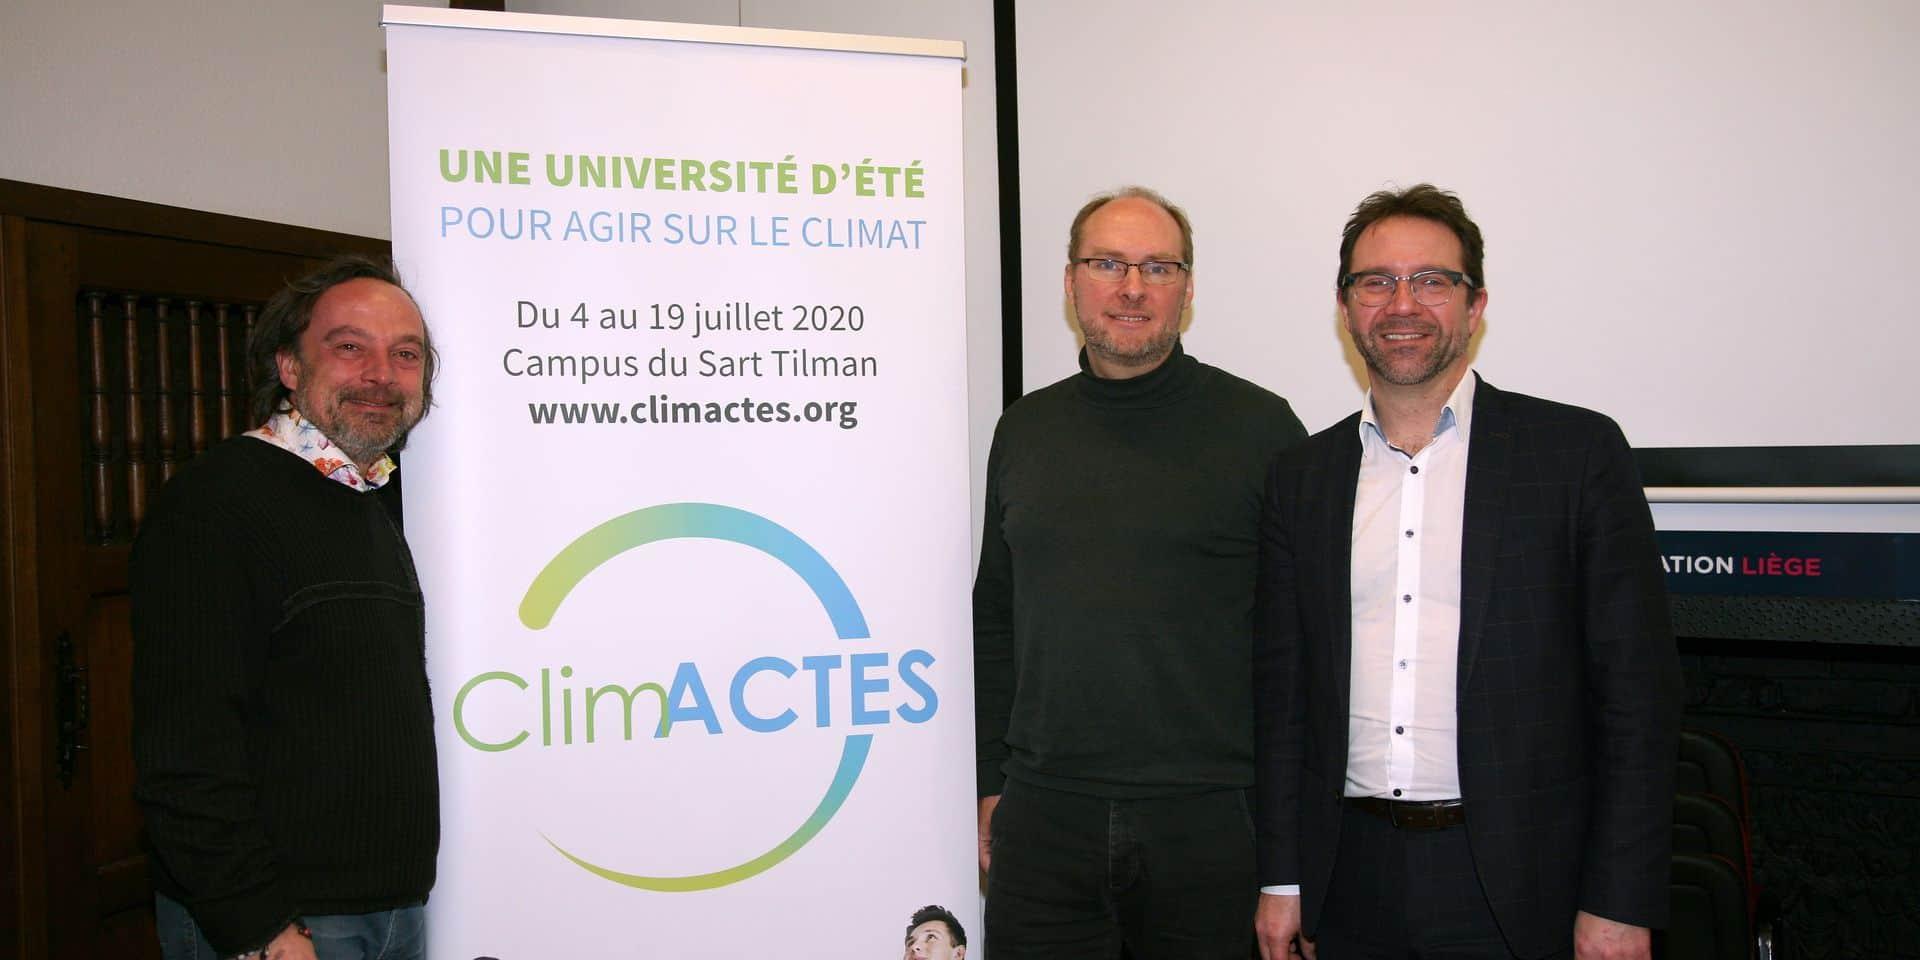 Climat : passer des idées et des paroles aux actes